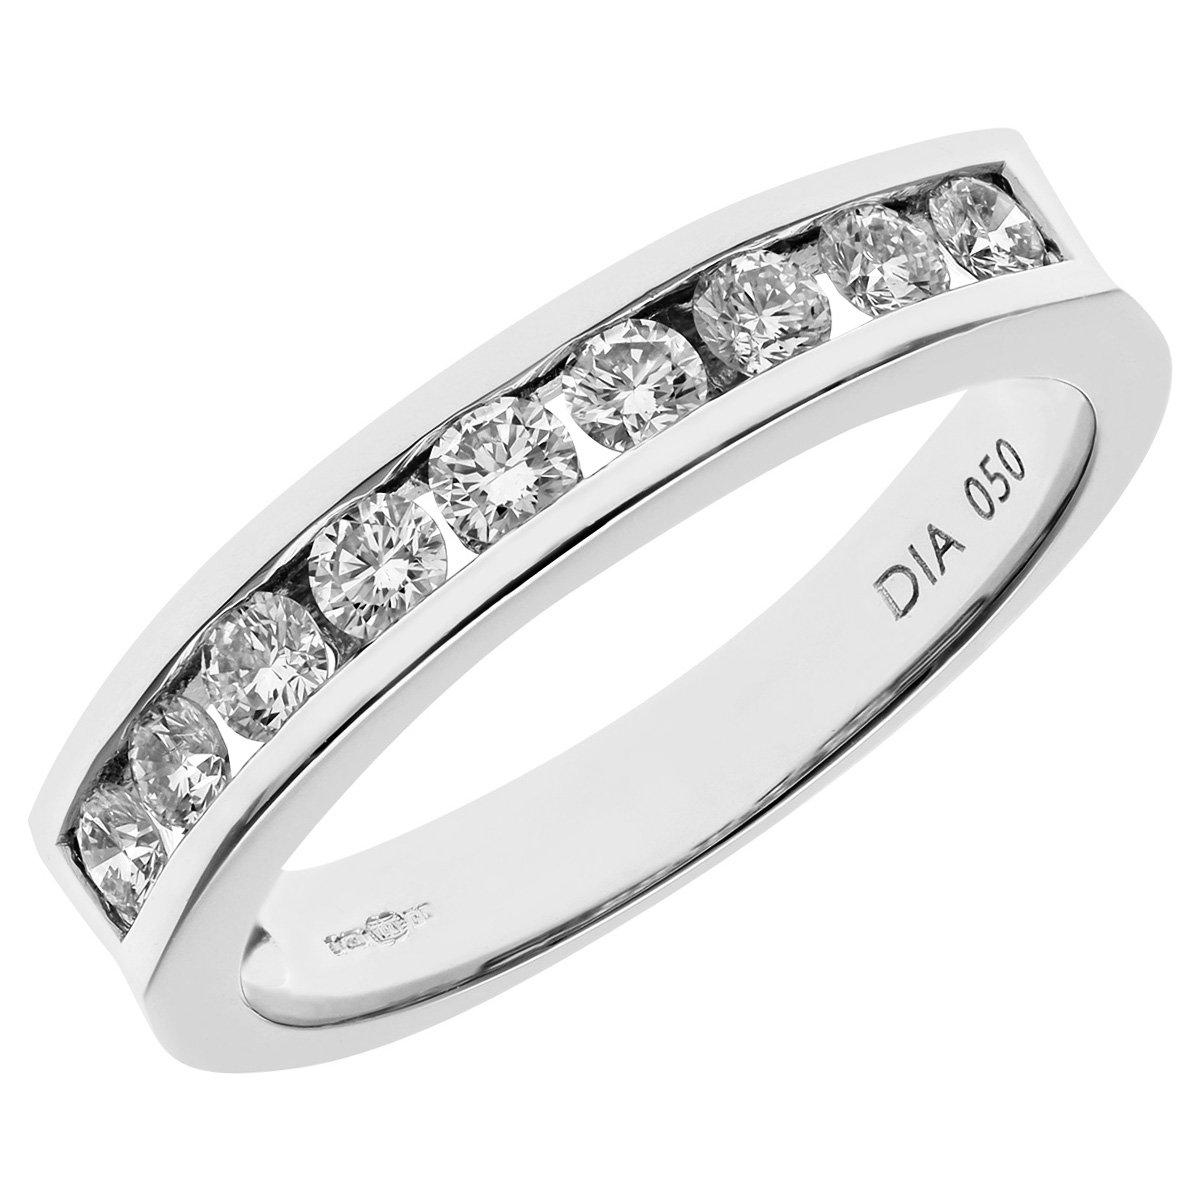 9996a9abf97b Naava - Anillo para Mujer de Platino 950 con Diamante  Amazon.es  Joyería